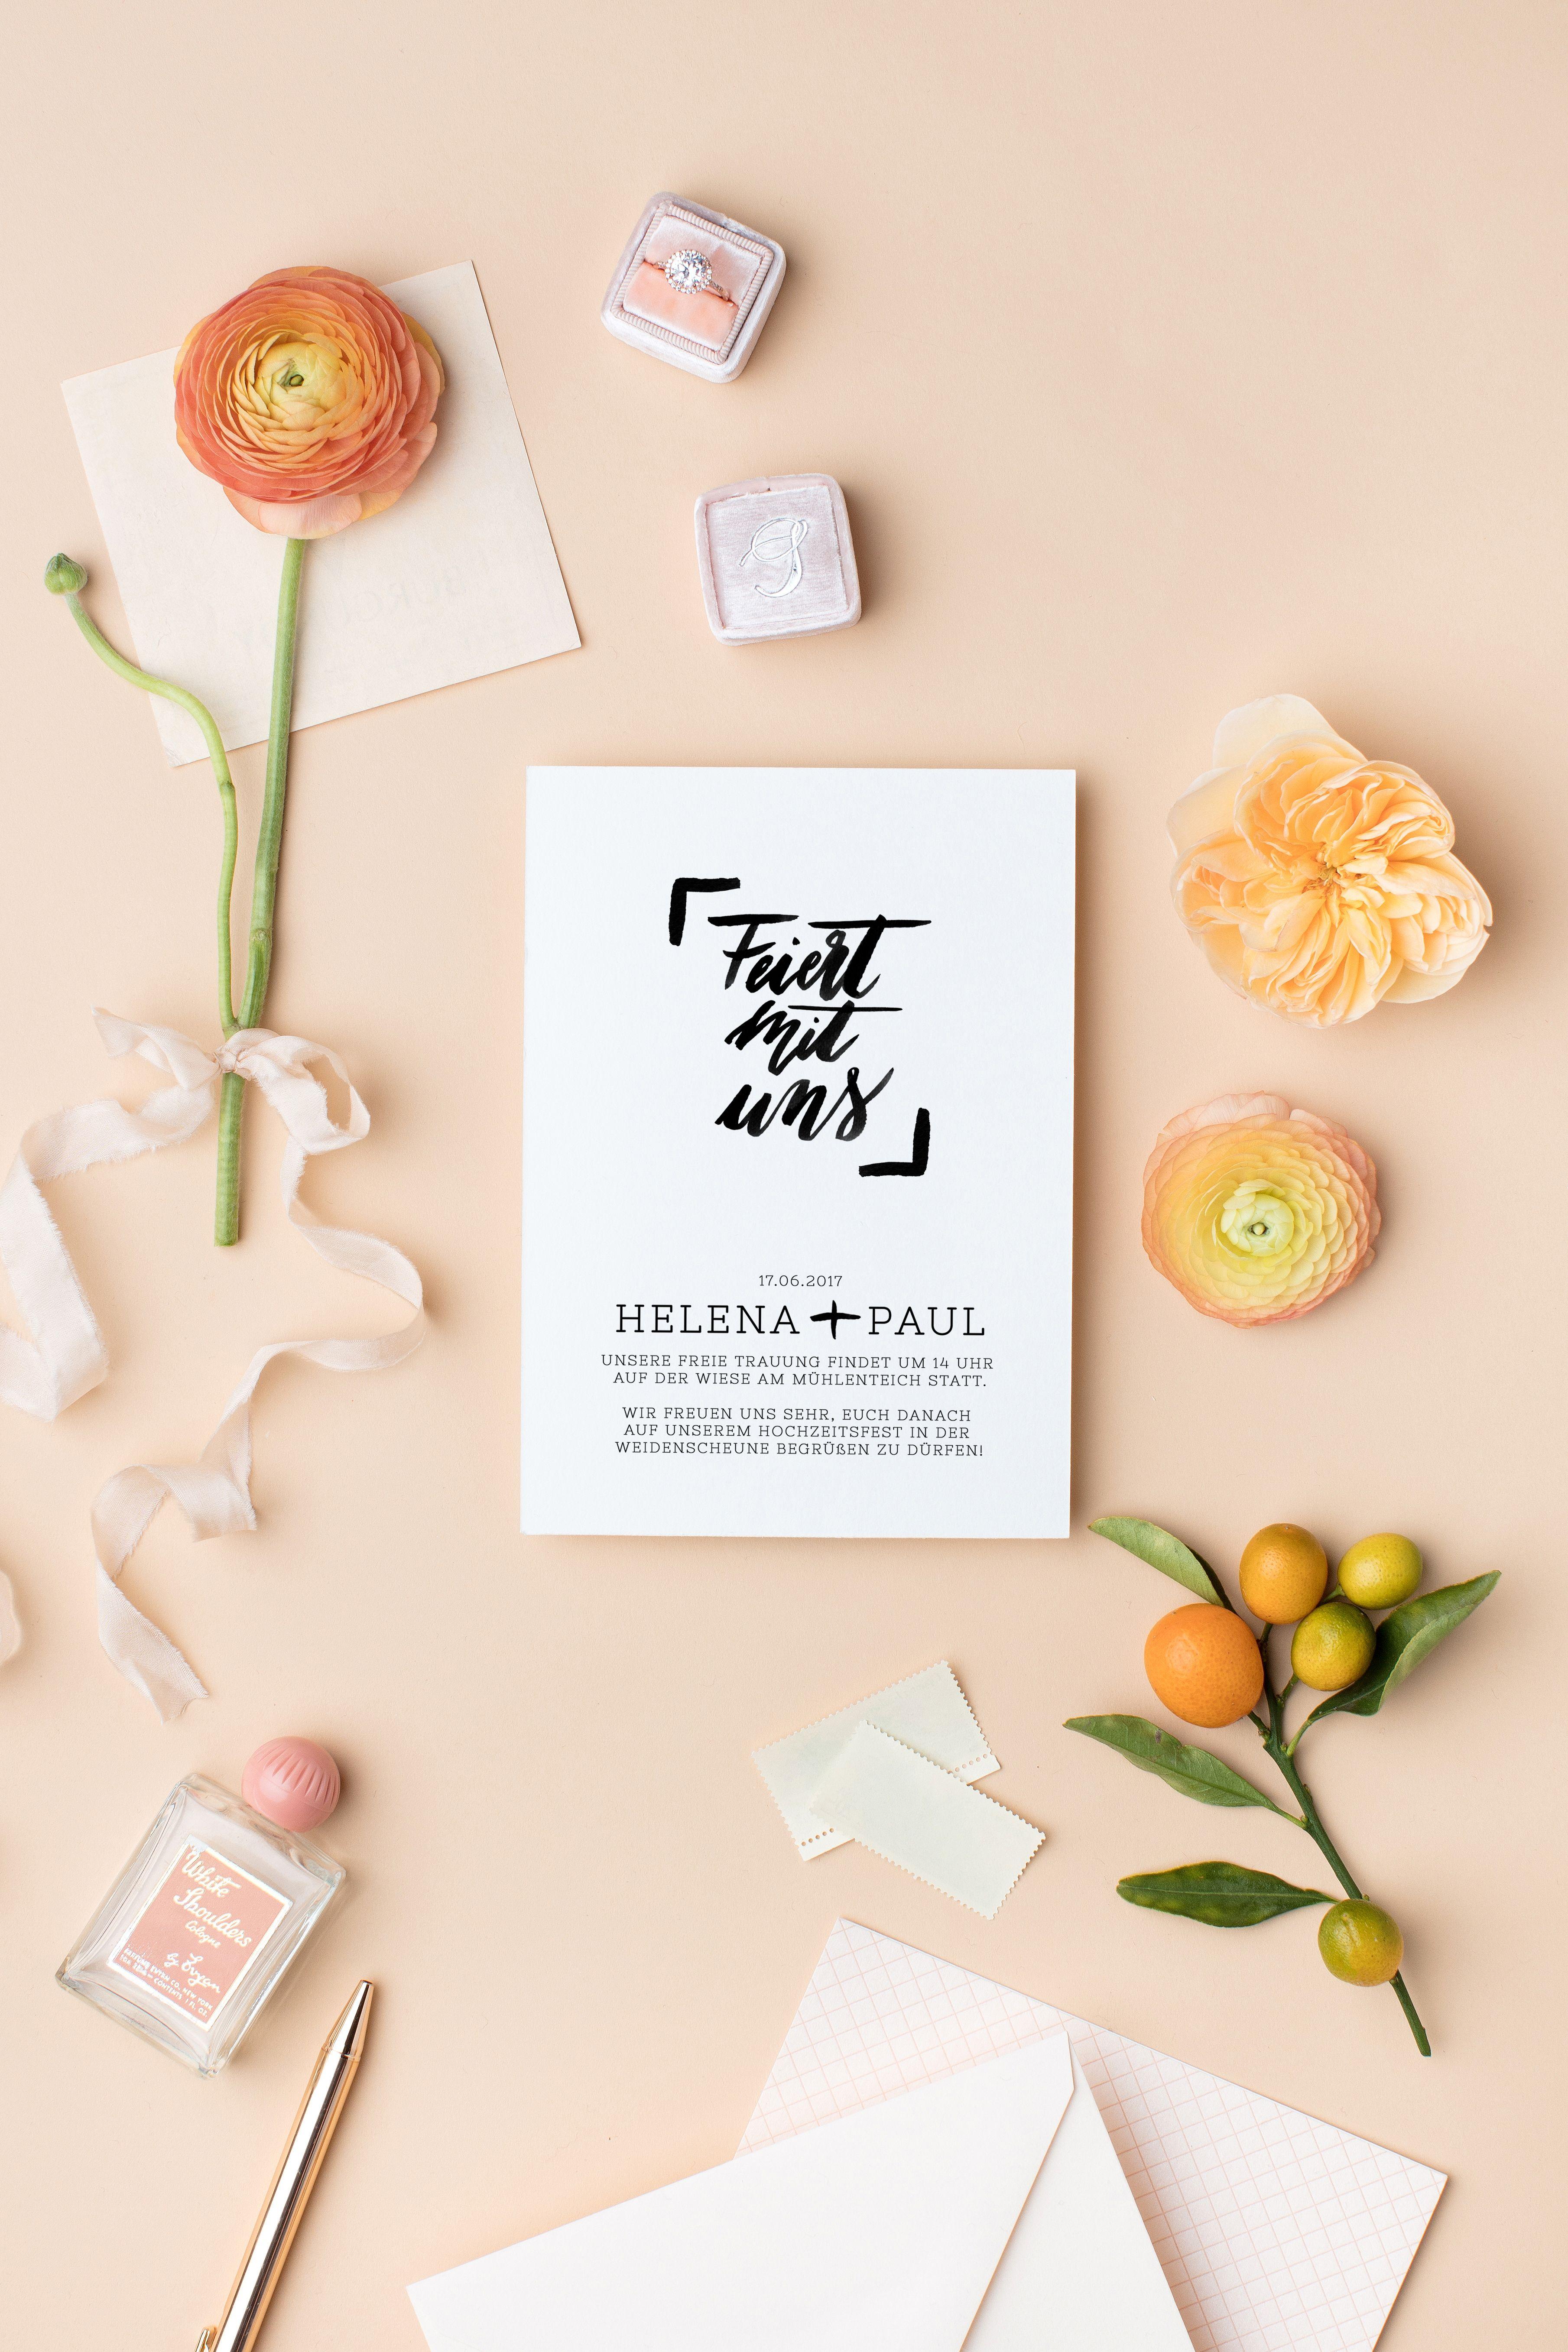 Einladung Hochzeit Download, Hochzeit Einladungskarte Download Brush  Letter, Brush Lettering DIY Einladung Für Hochzeit